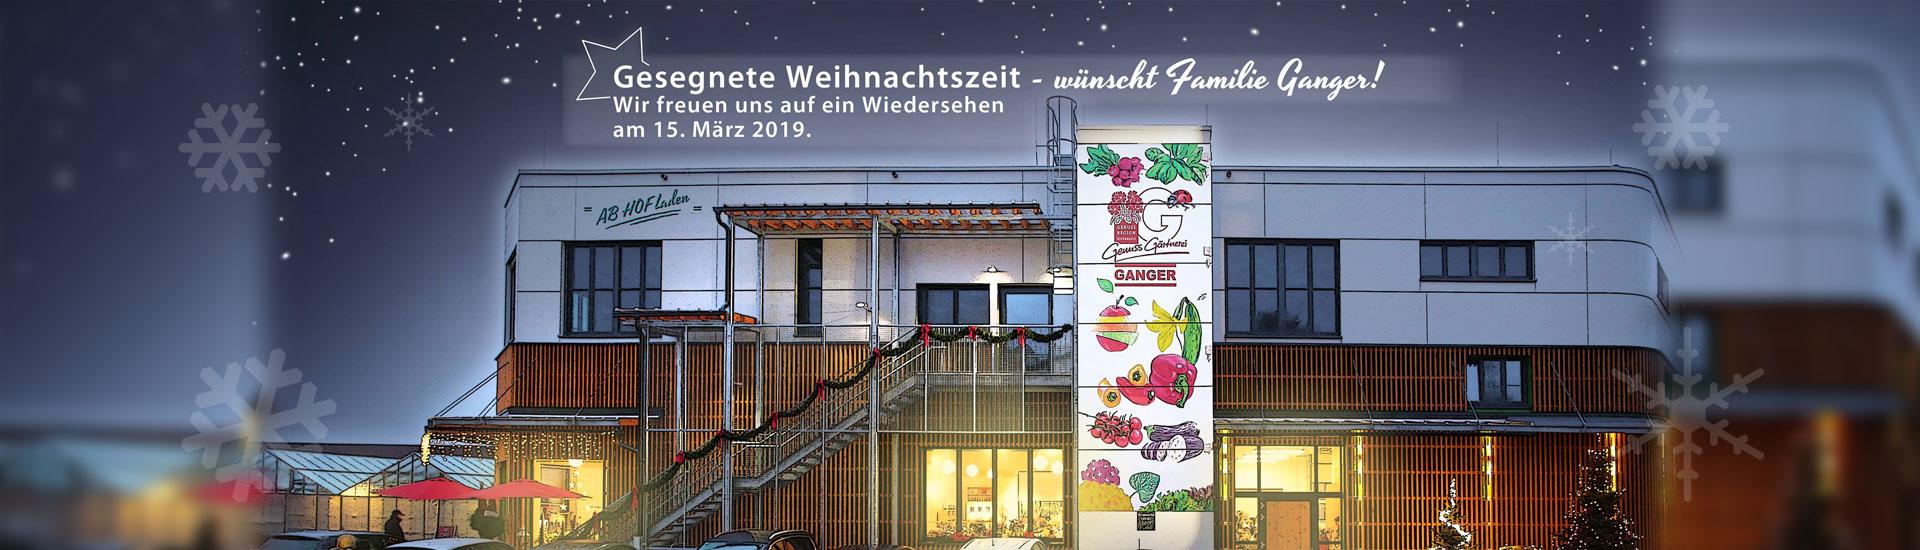 Gesegnete Weihnachtszeit wünscht Familie Ganger!